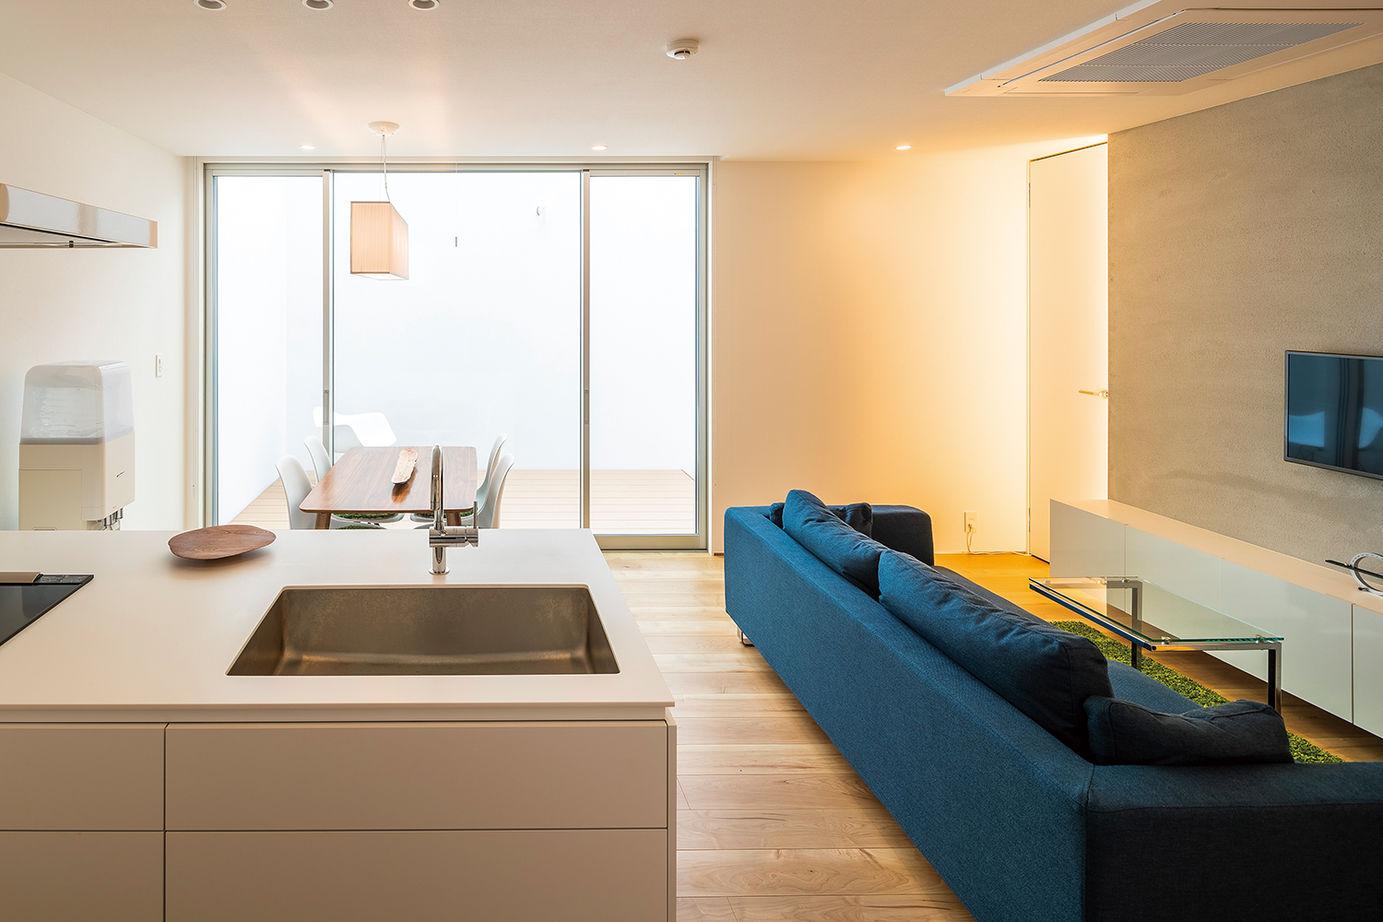 【延床28坪・1945万円】窓がない個性的な外観。室内は明るく、プライベート感満点のシンプルハウス画像3